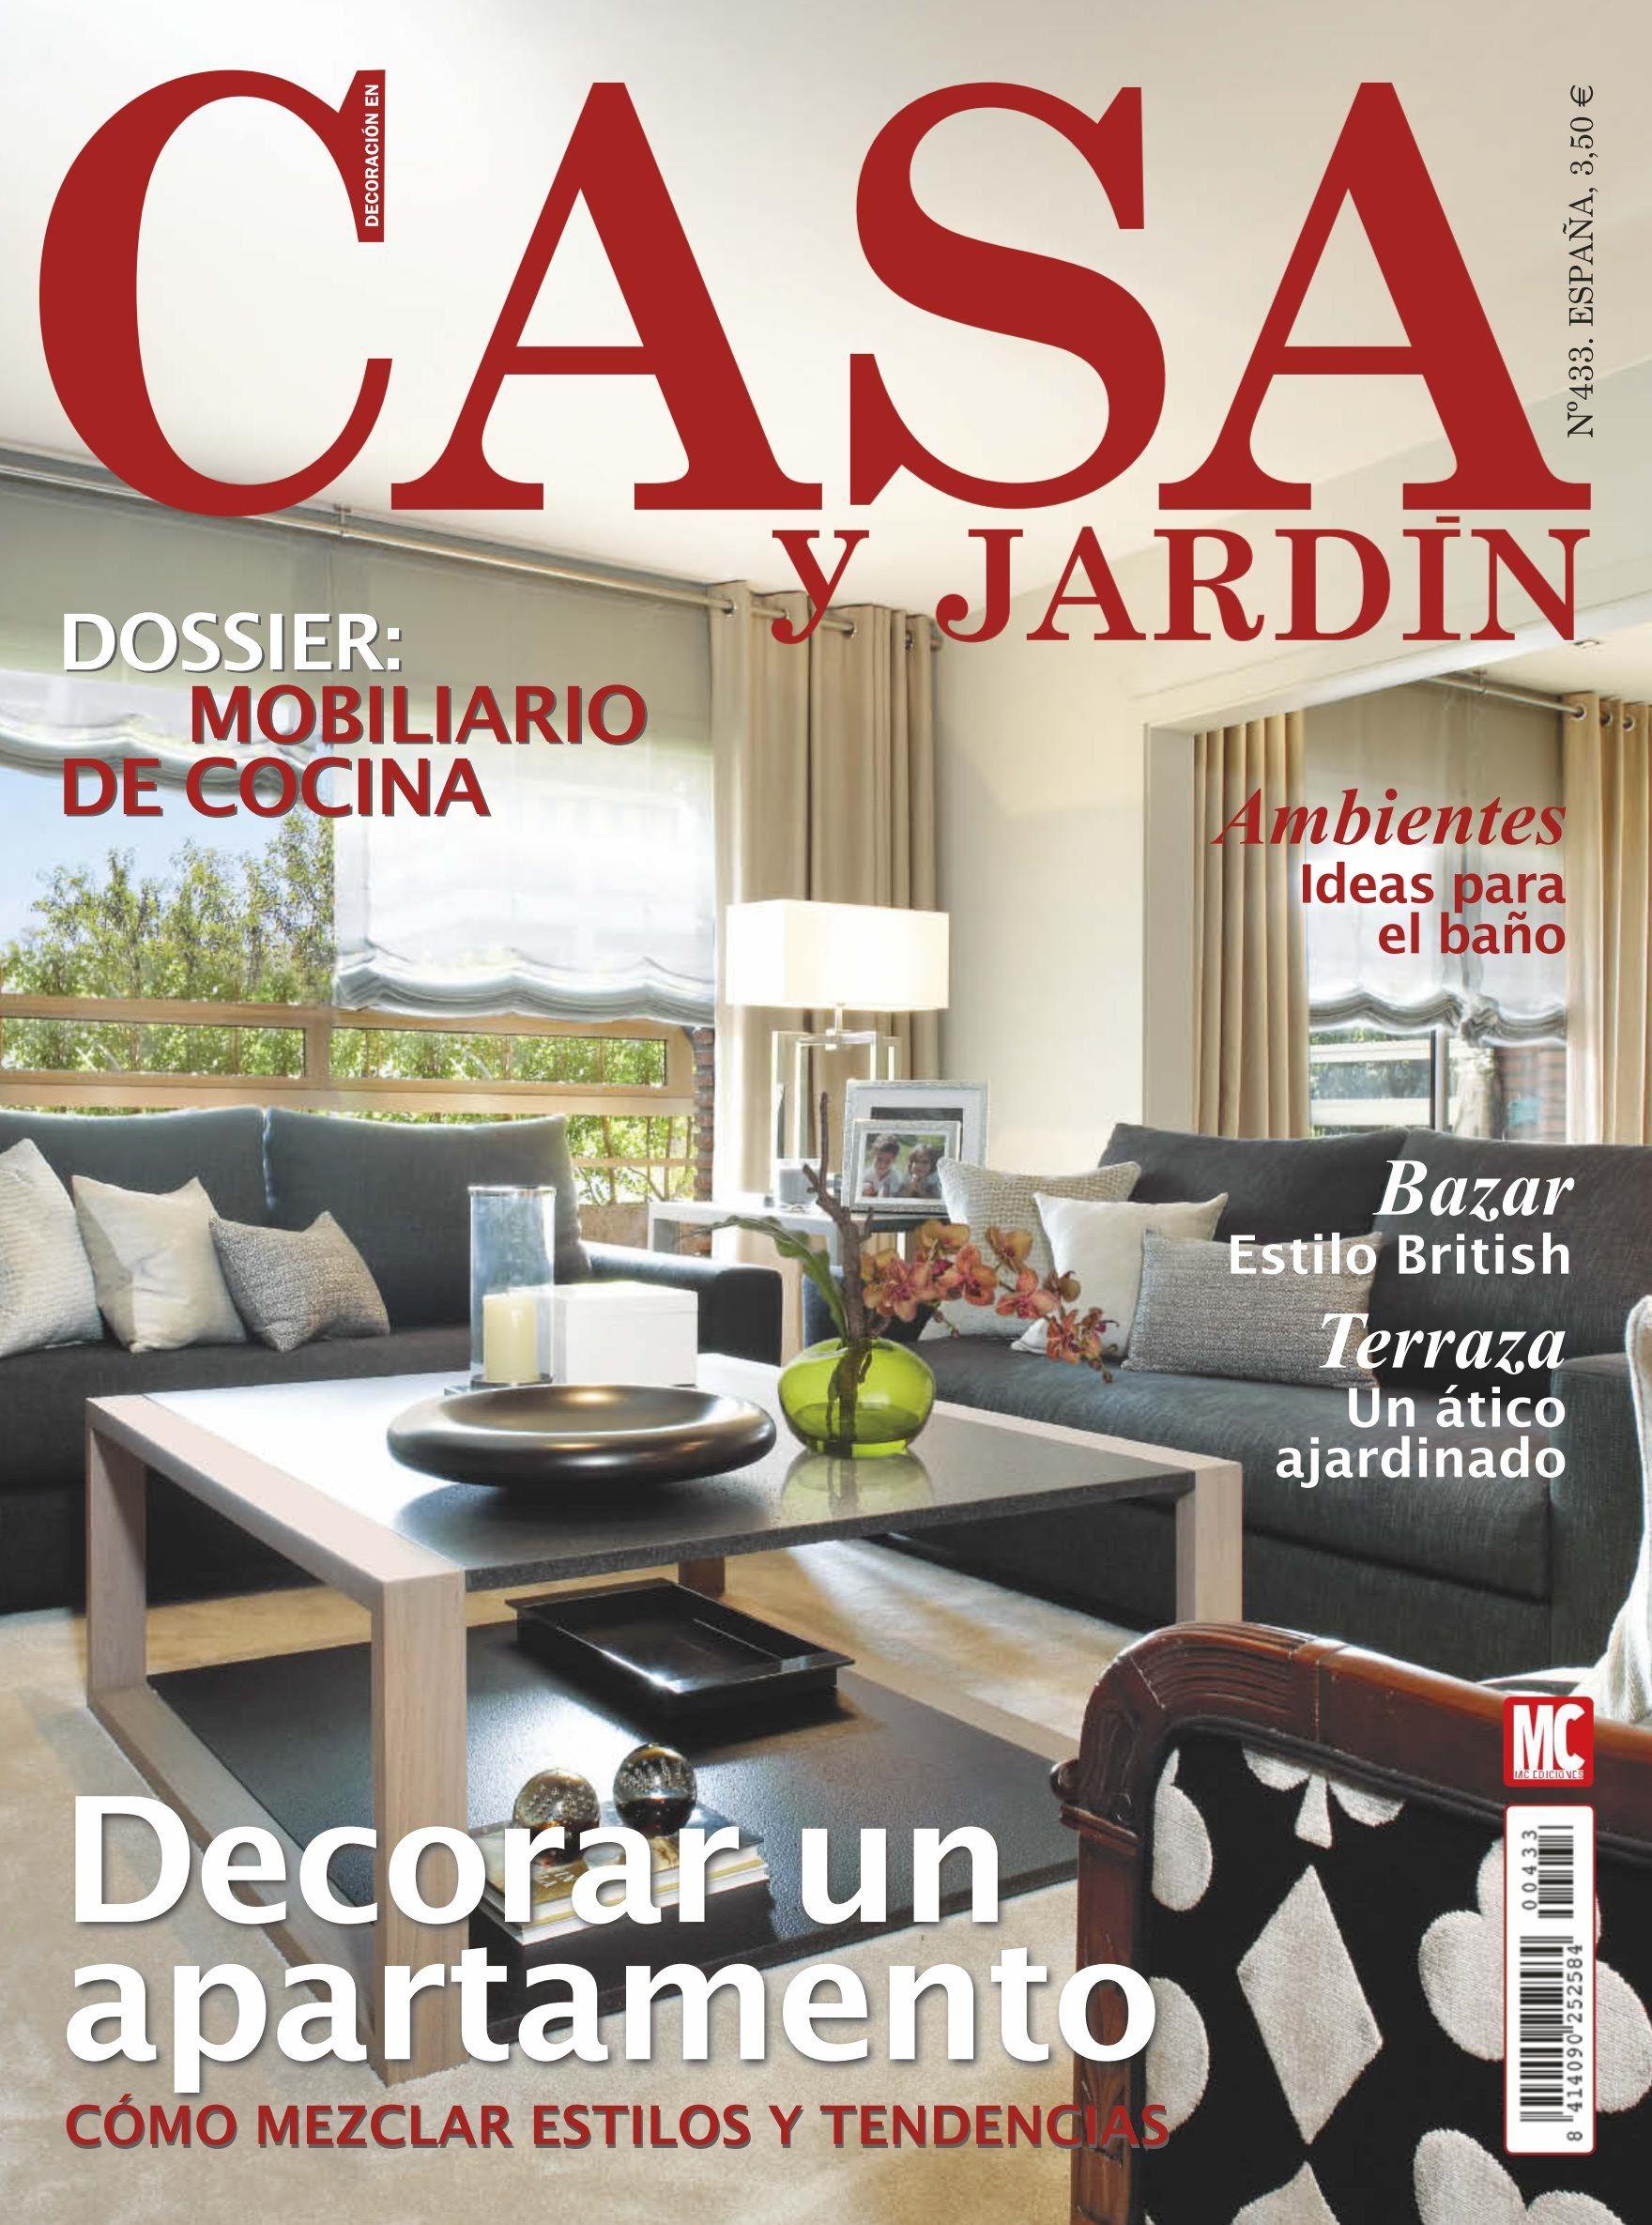 revista casa y jardin 433 decorar un apartamento